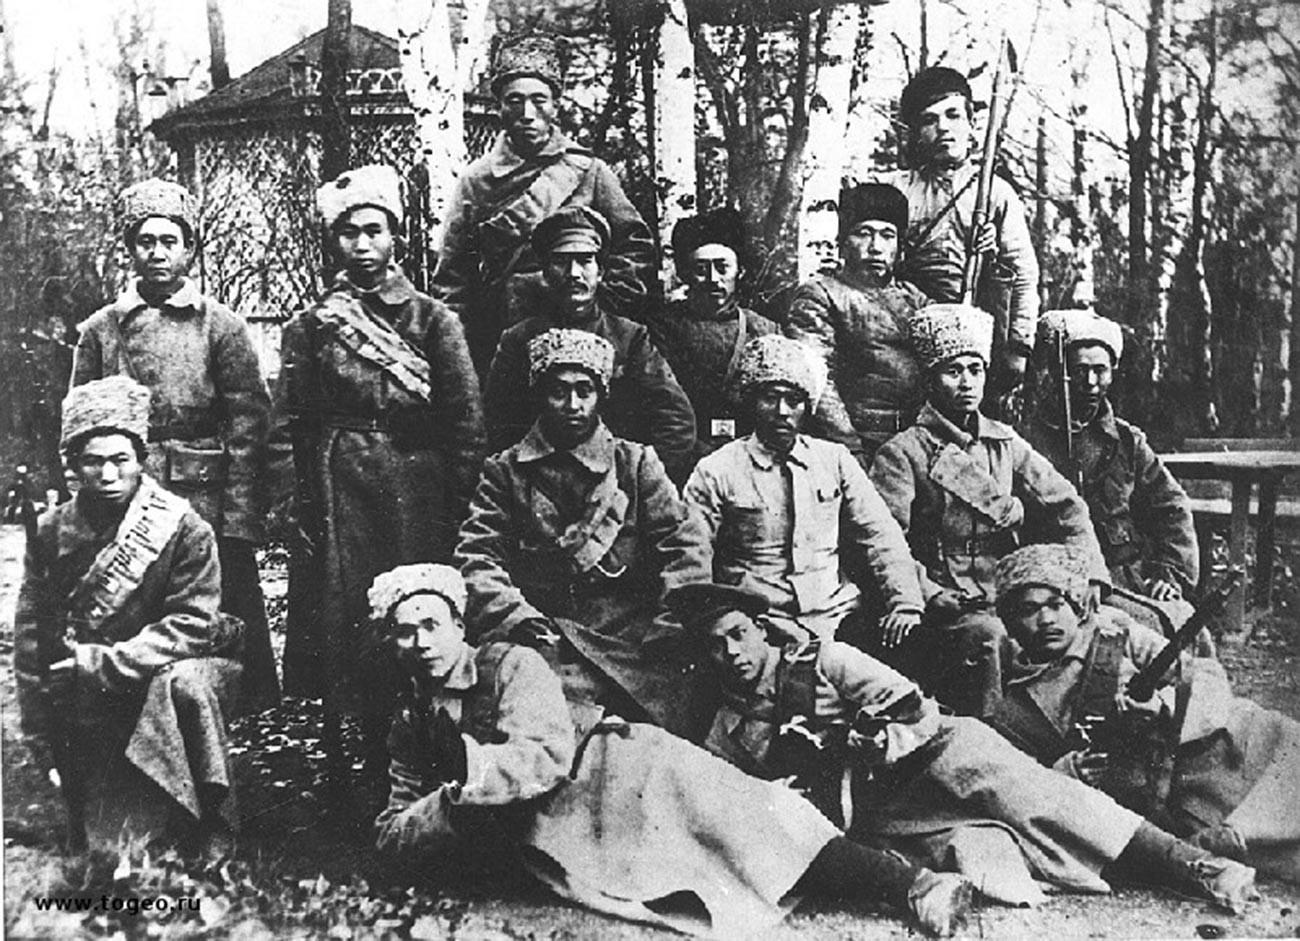 Командни састав кинеског батаљона. У средини у белом је Жен Фучен.